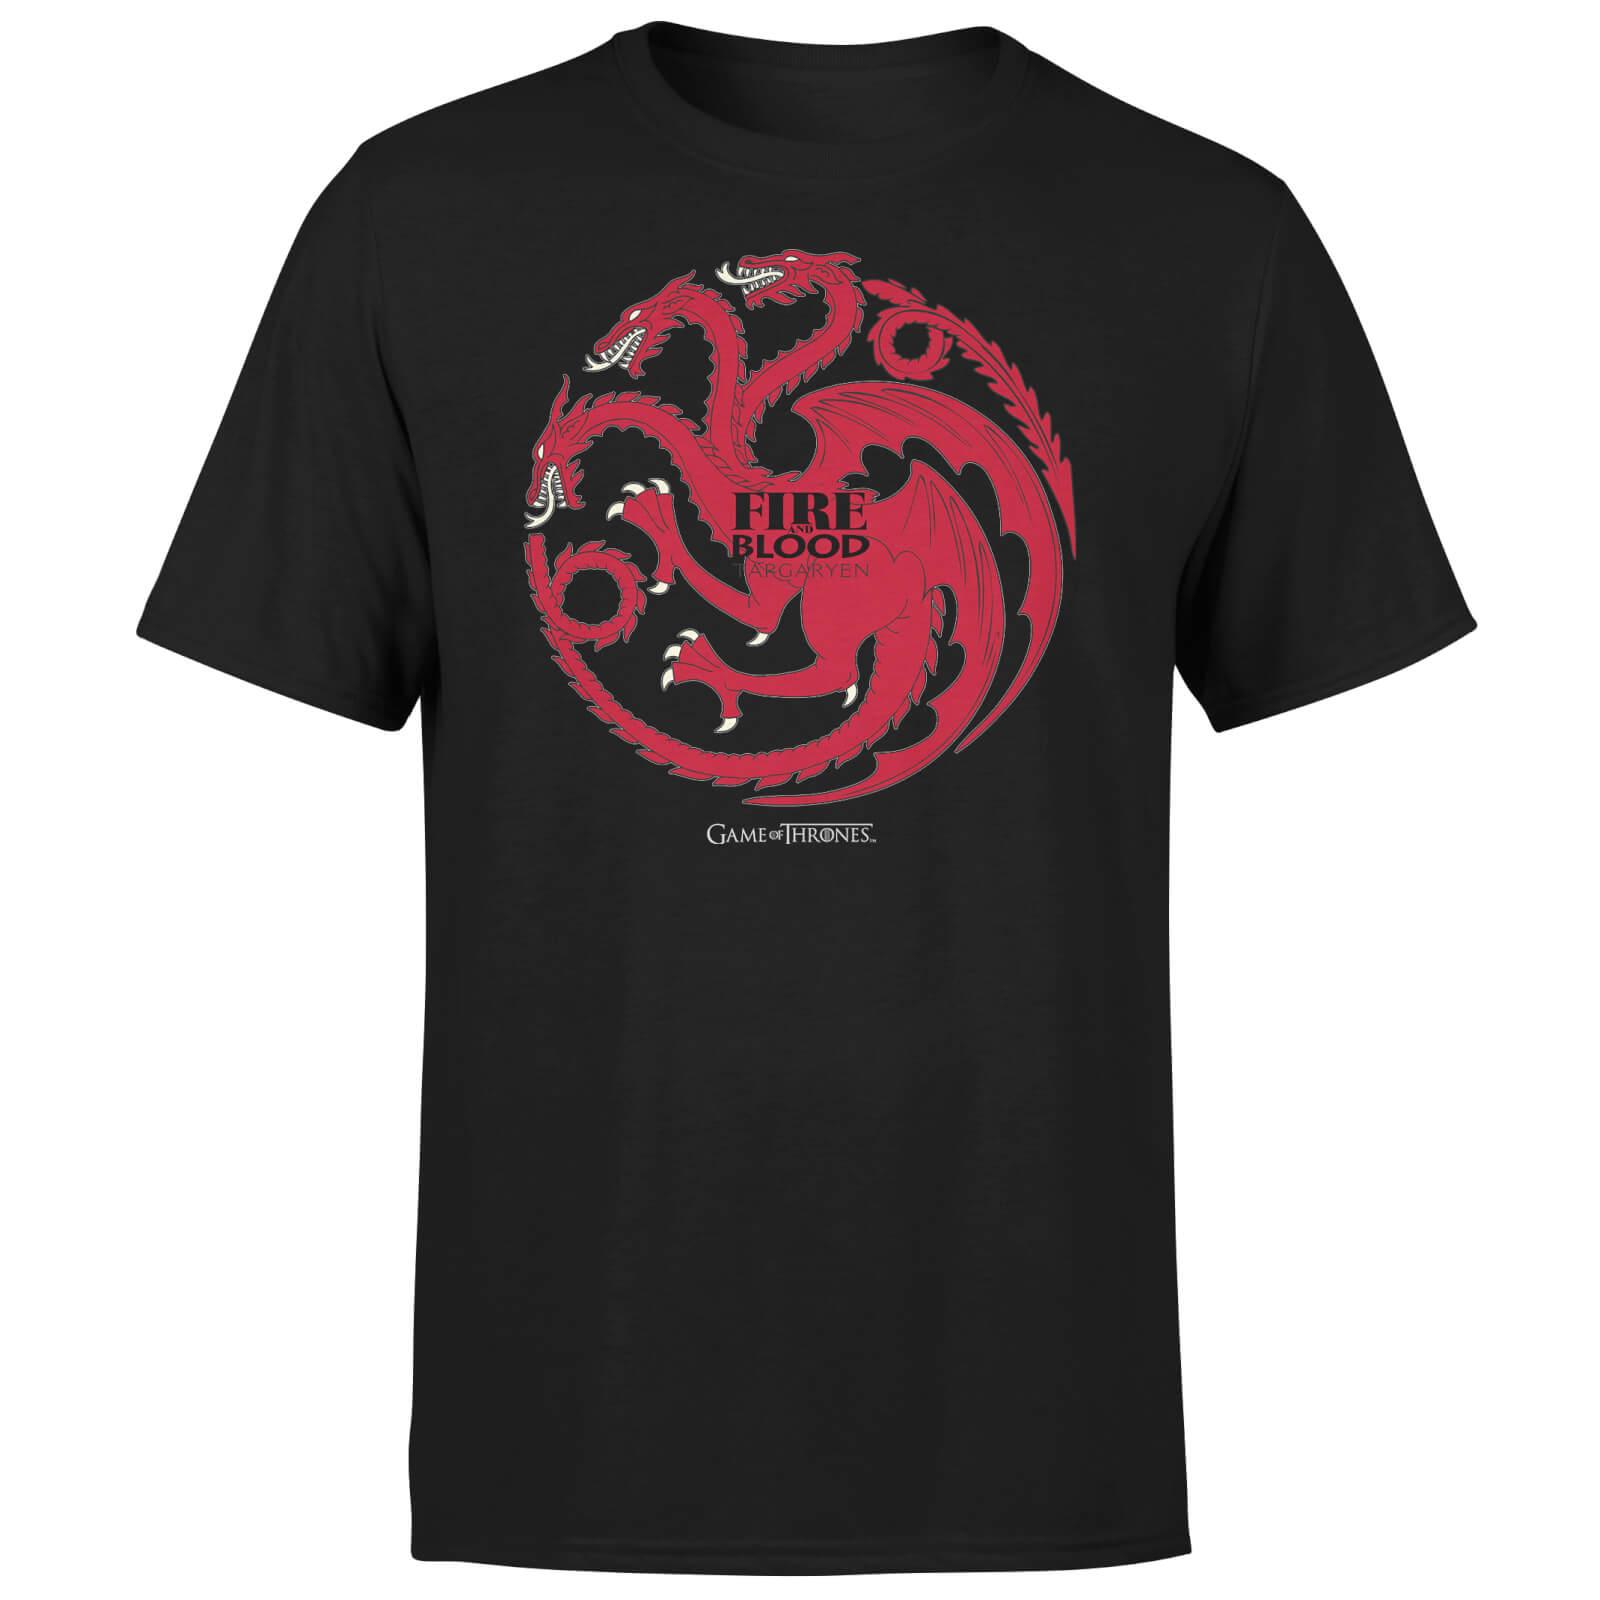 [Achtung Spoiler möglich] Game of Thrones T-Shirts für 10,99€ oder Sweatshirts für 18,99€ (100% Baumwolle, S bis XXL, Damen und Herren)